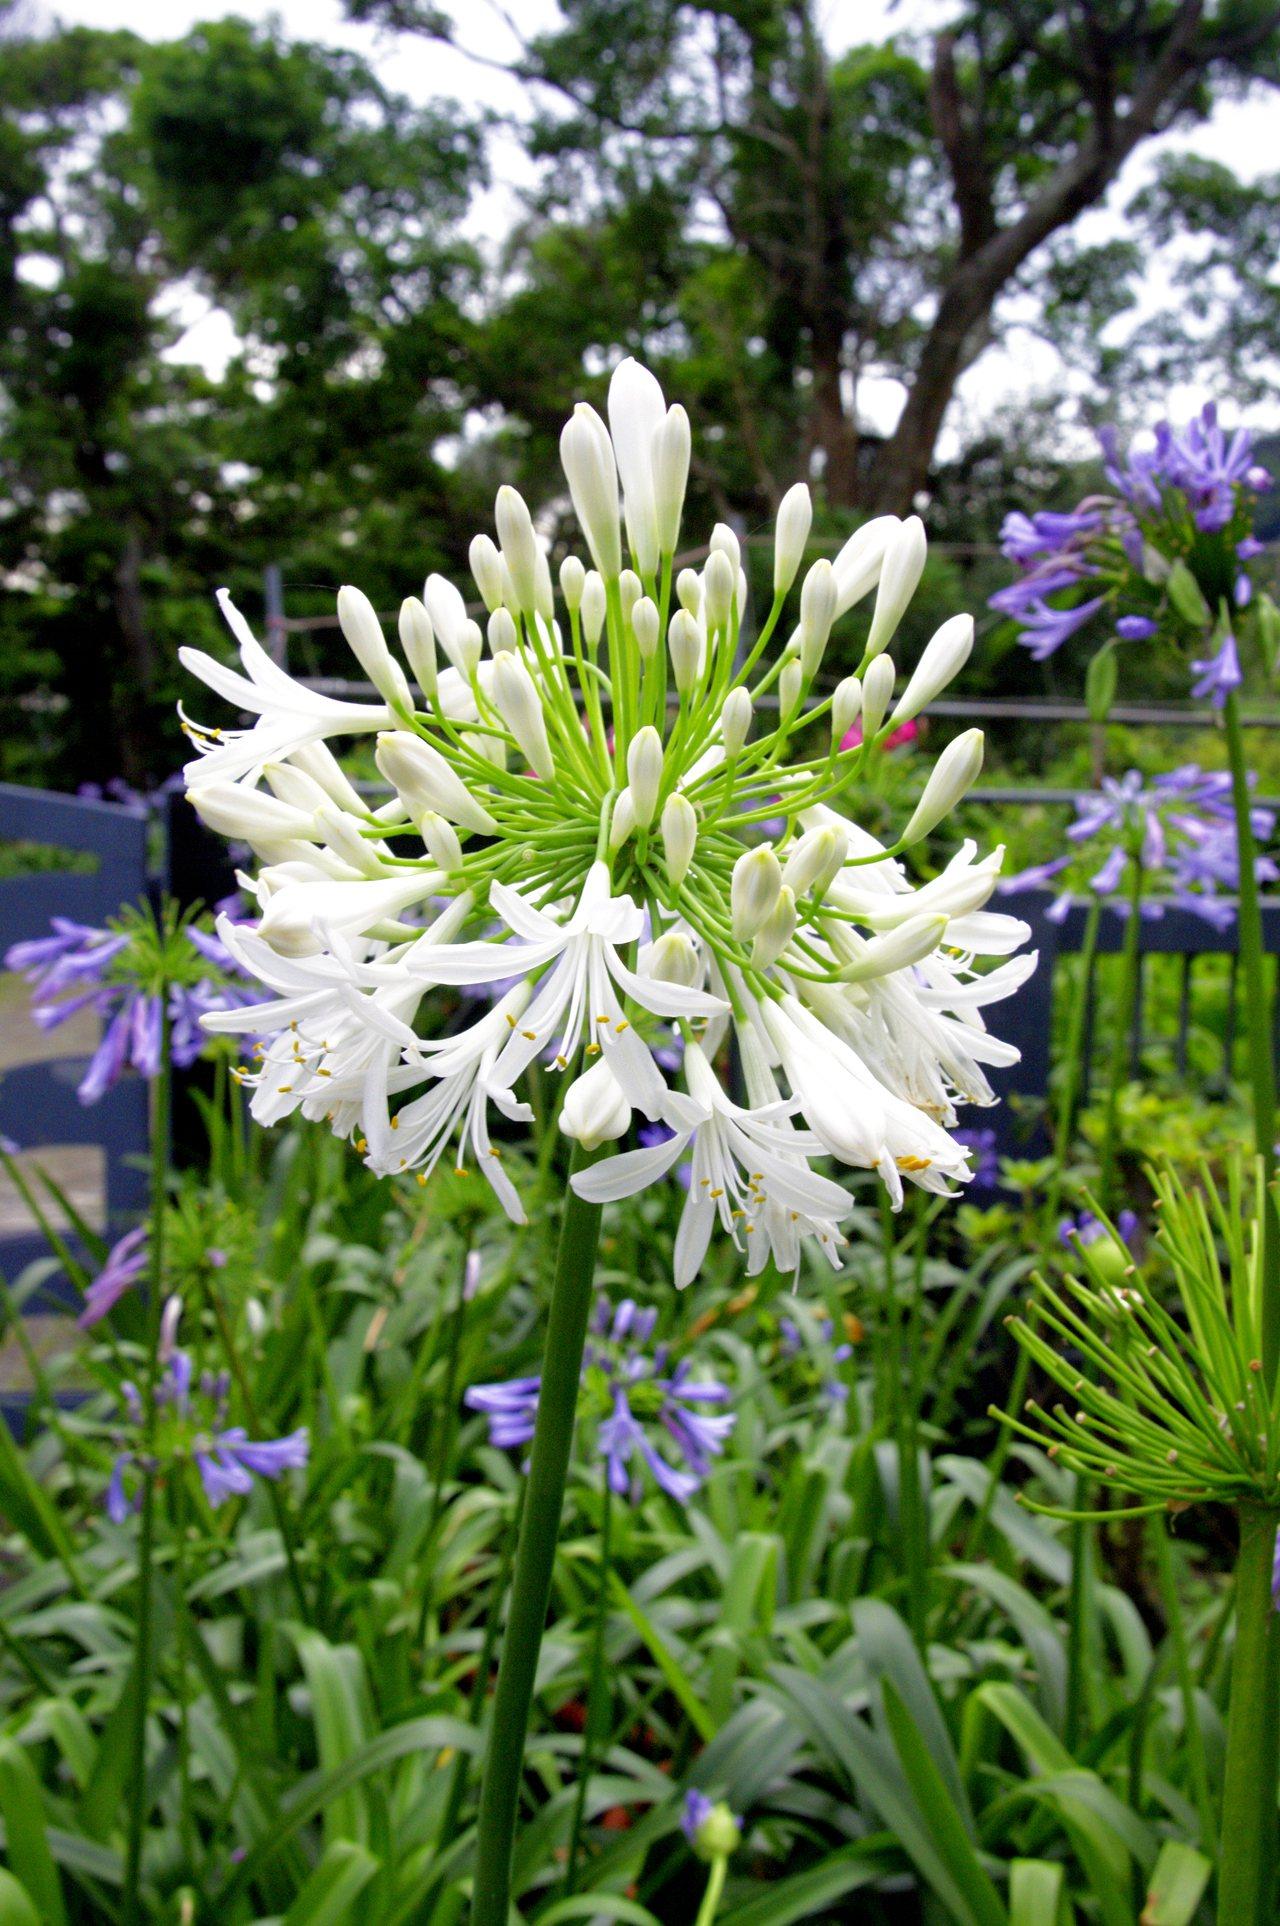 除了藍紫色外,園區內也栽植有白色的愛情花。圖/摘自台北市大地工程處官網